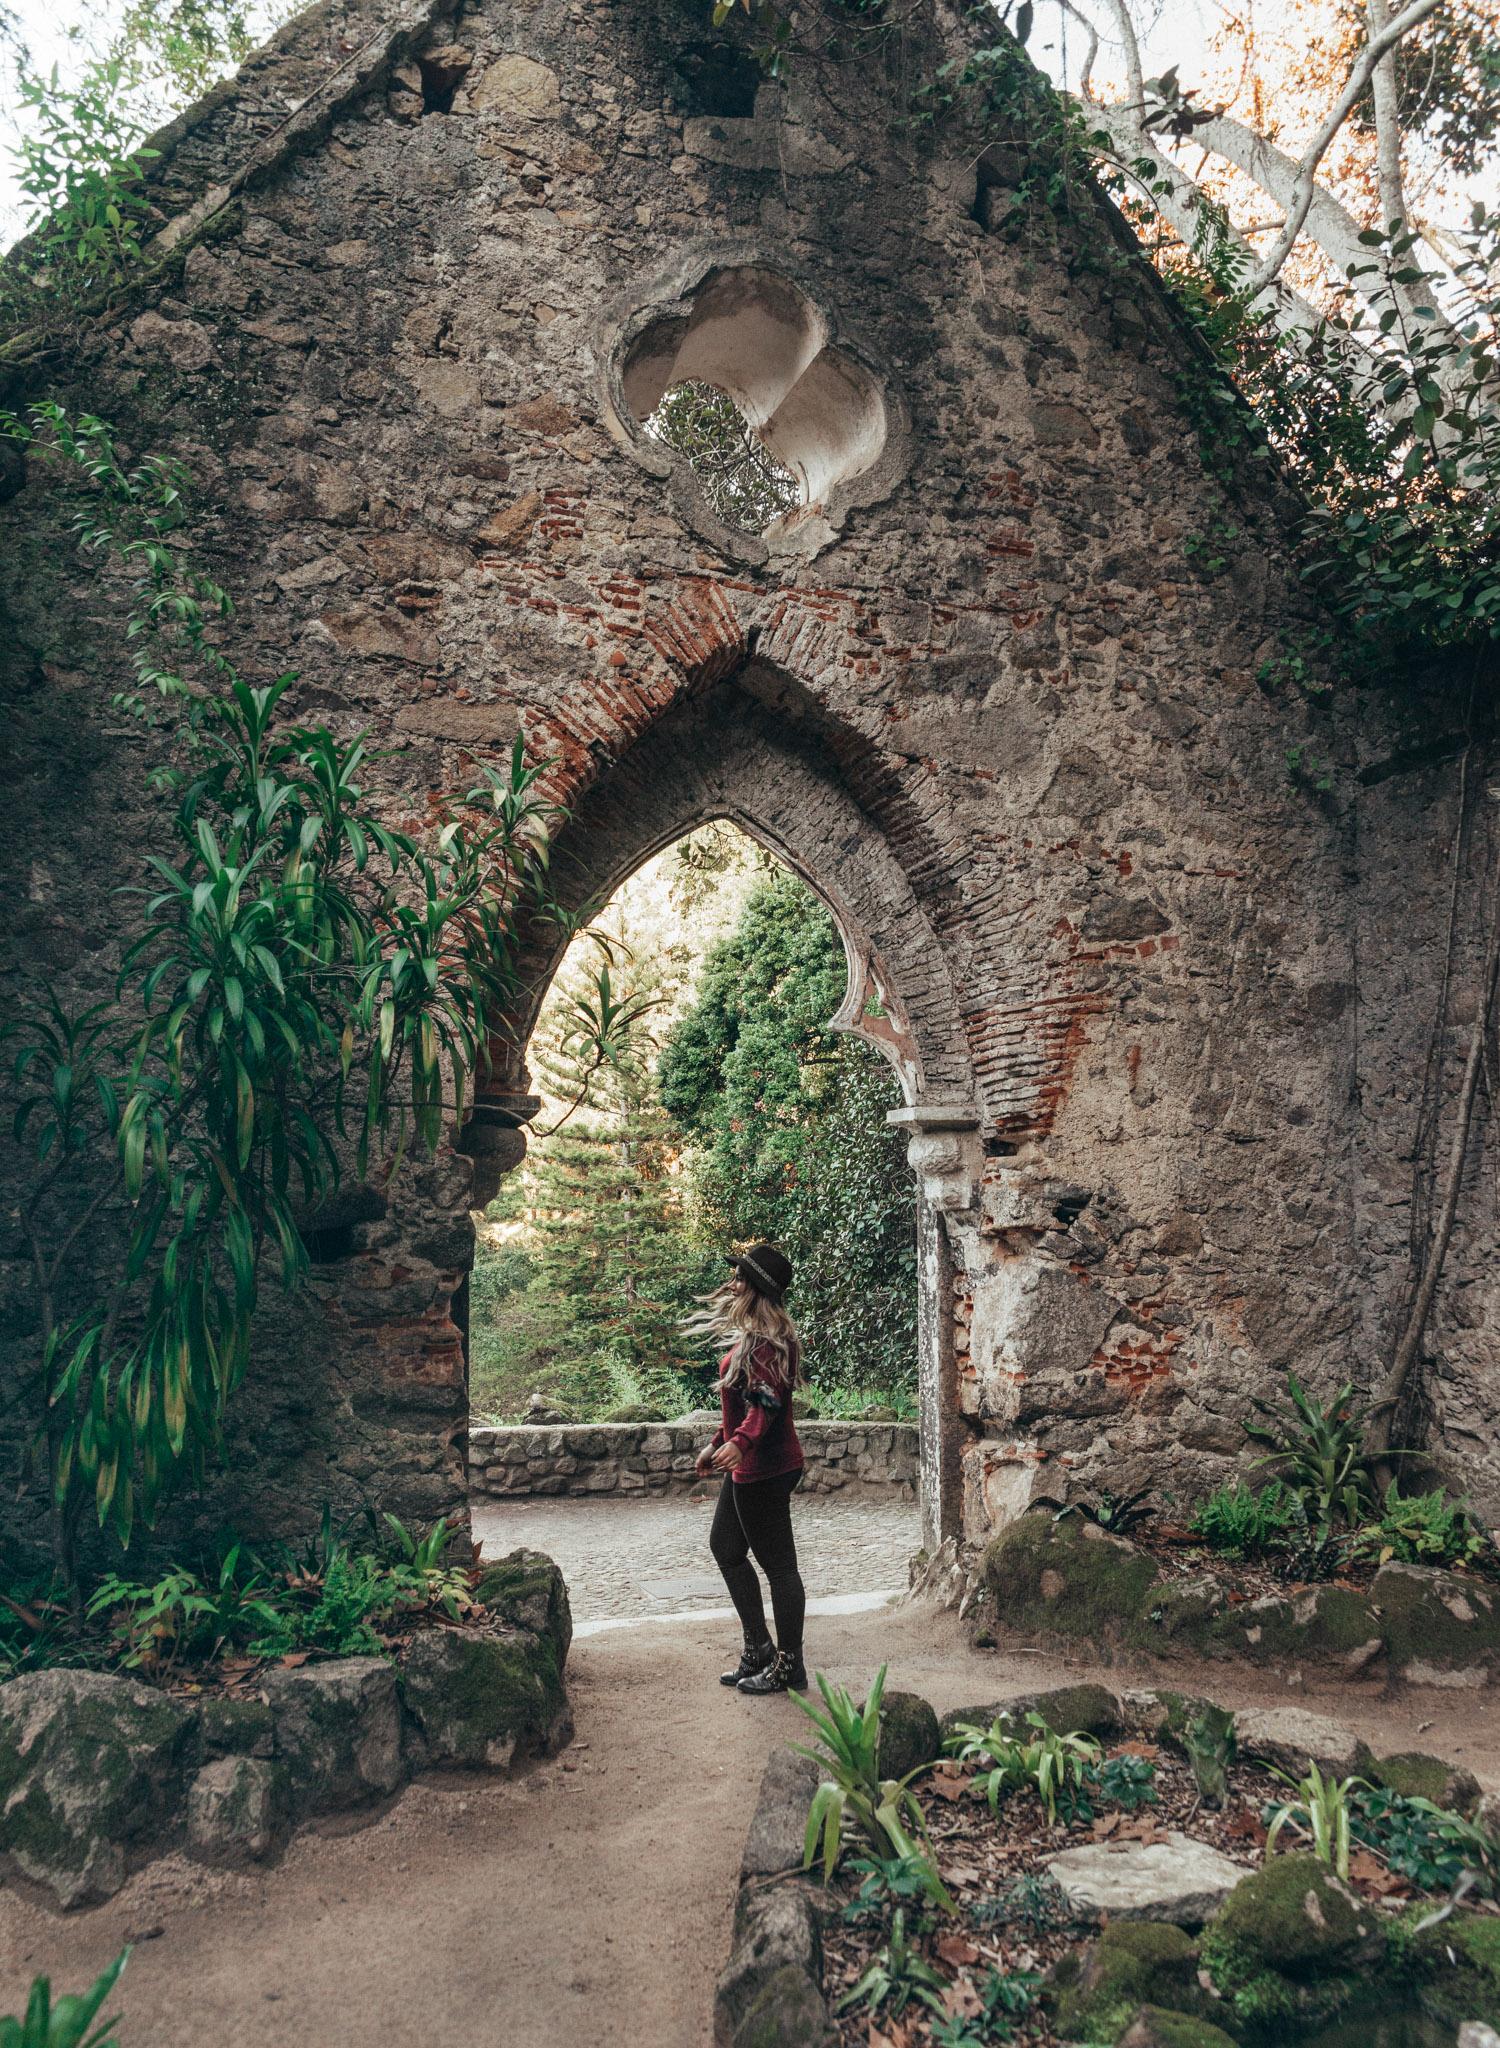 Adaras framför Monserrate-palatset i Sintra